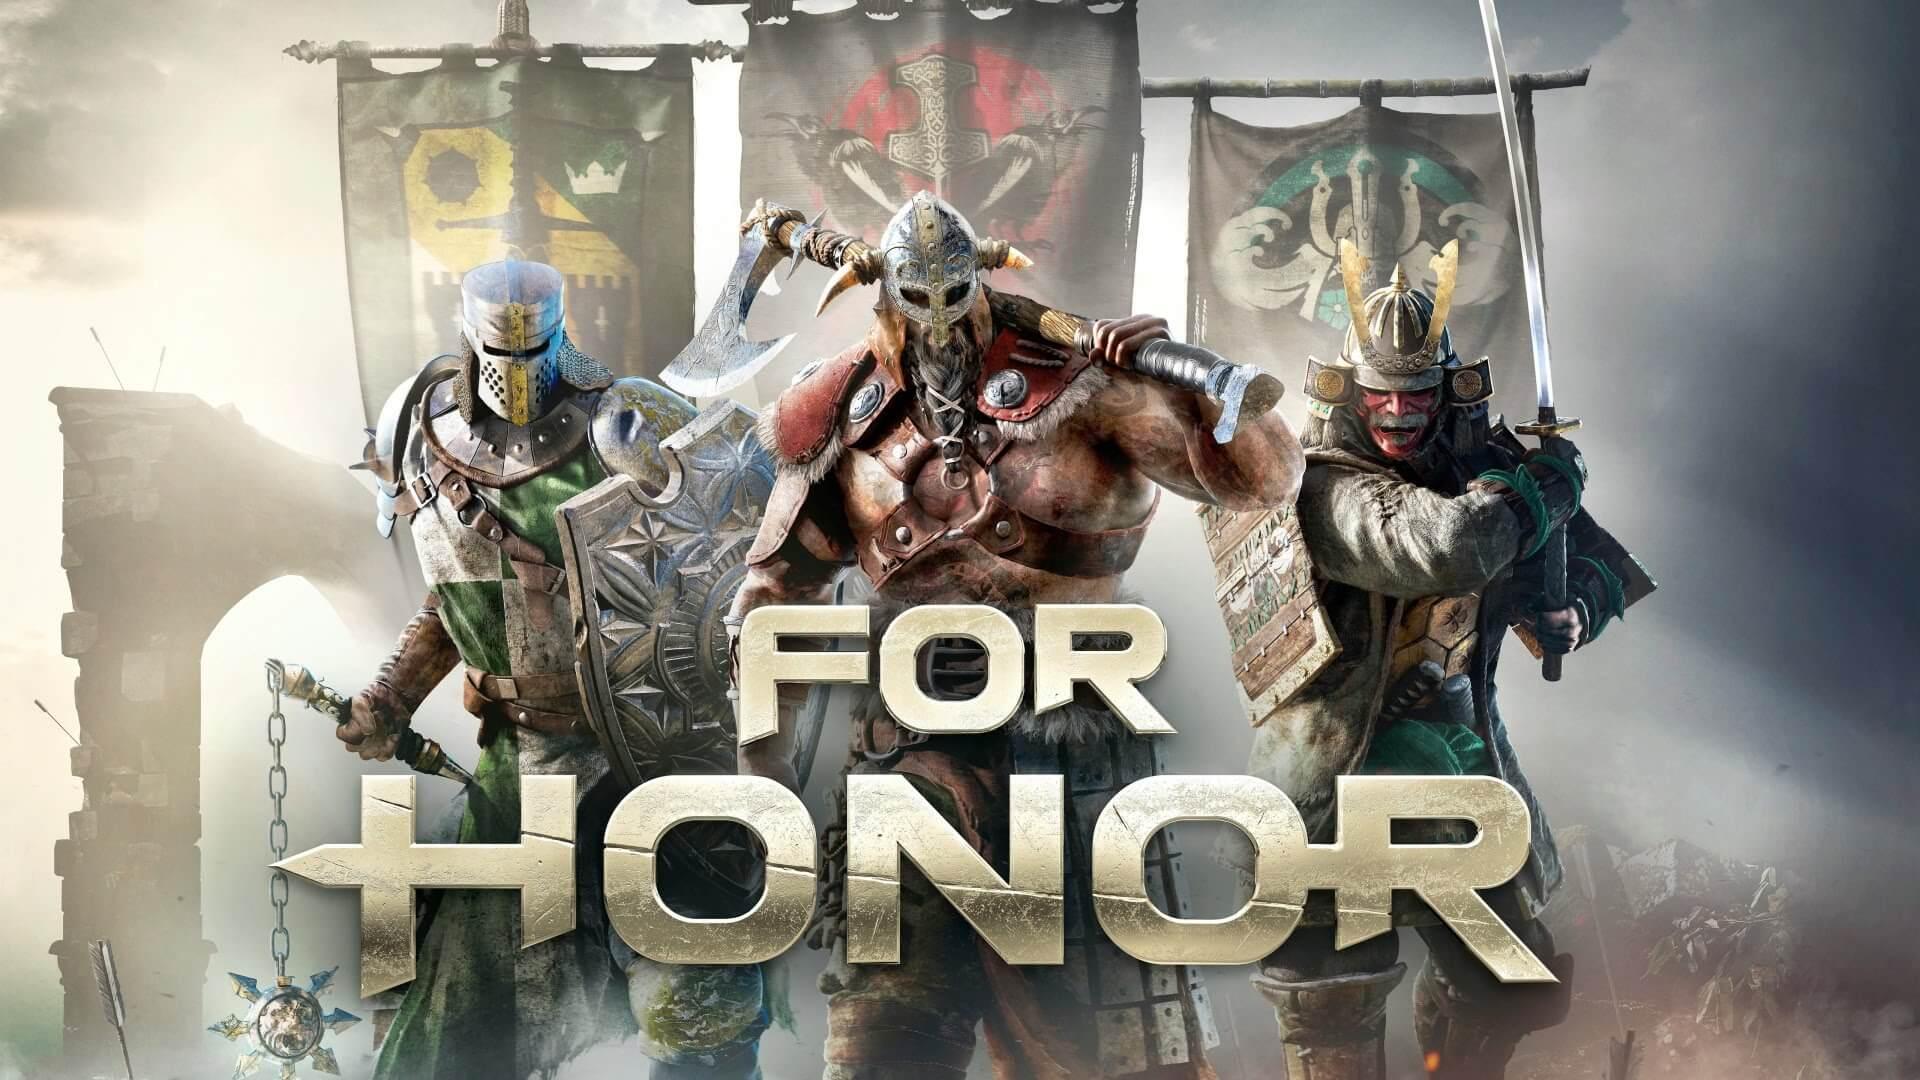 Разработчики Ubisoft предлагают поучаствовать в тестировании игры For Honor